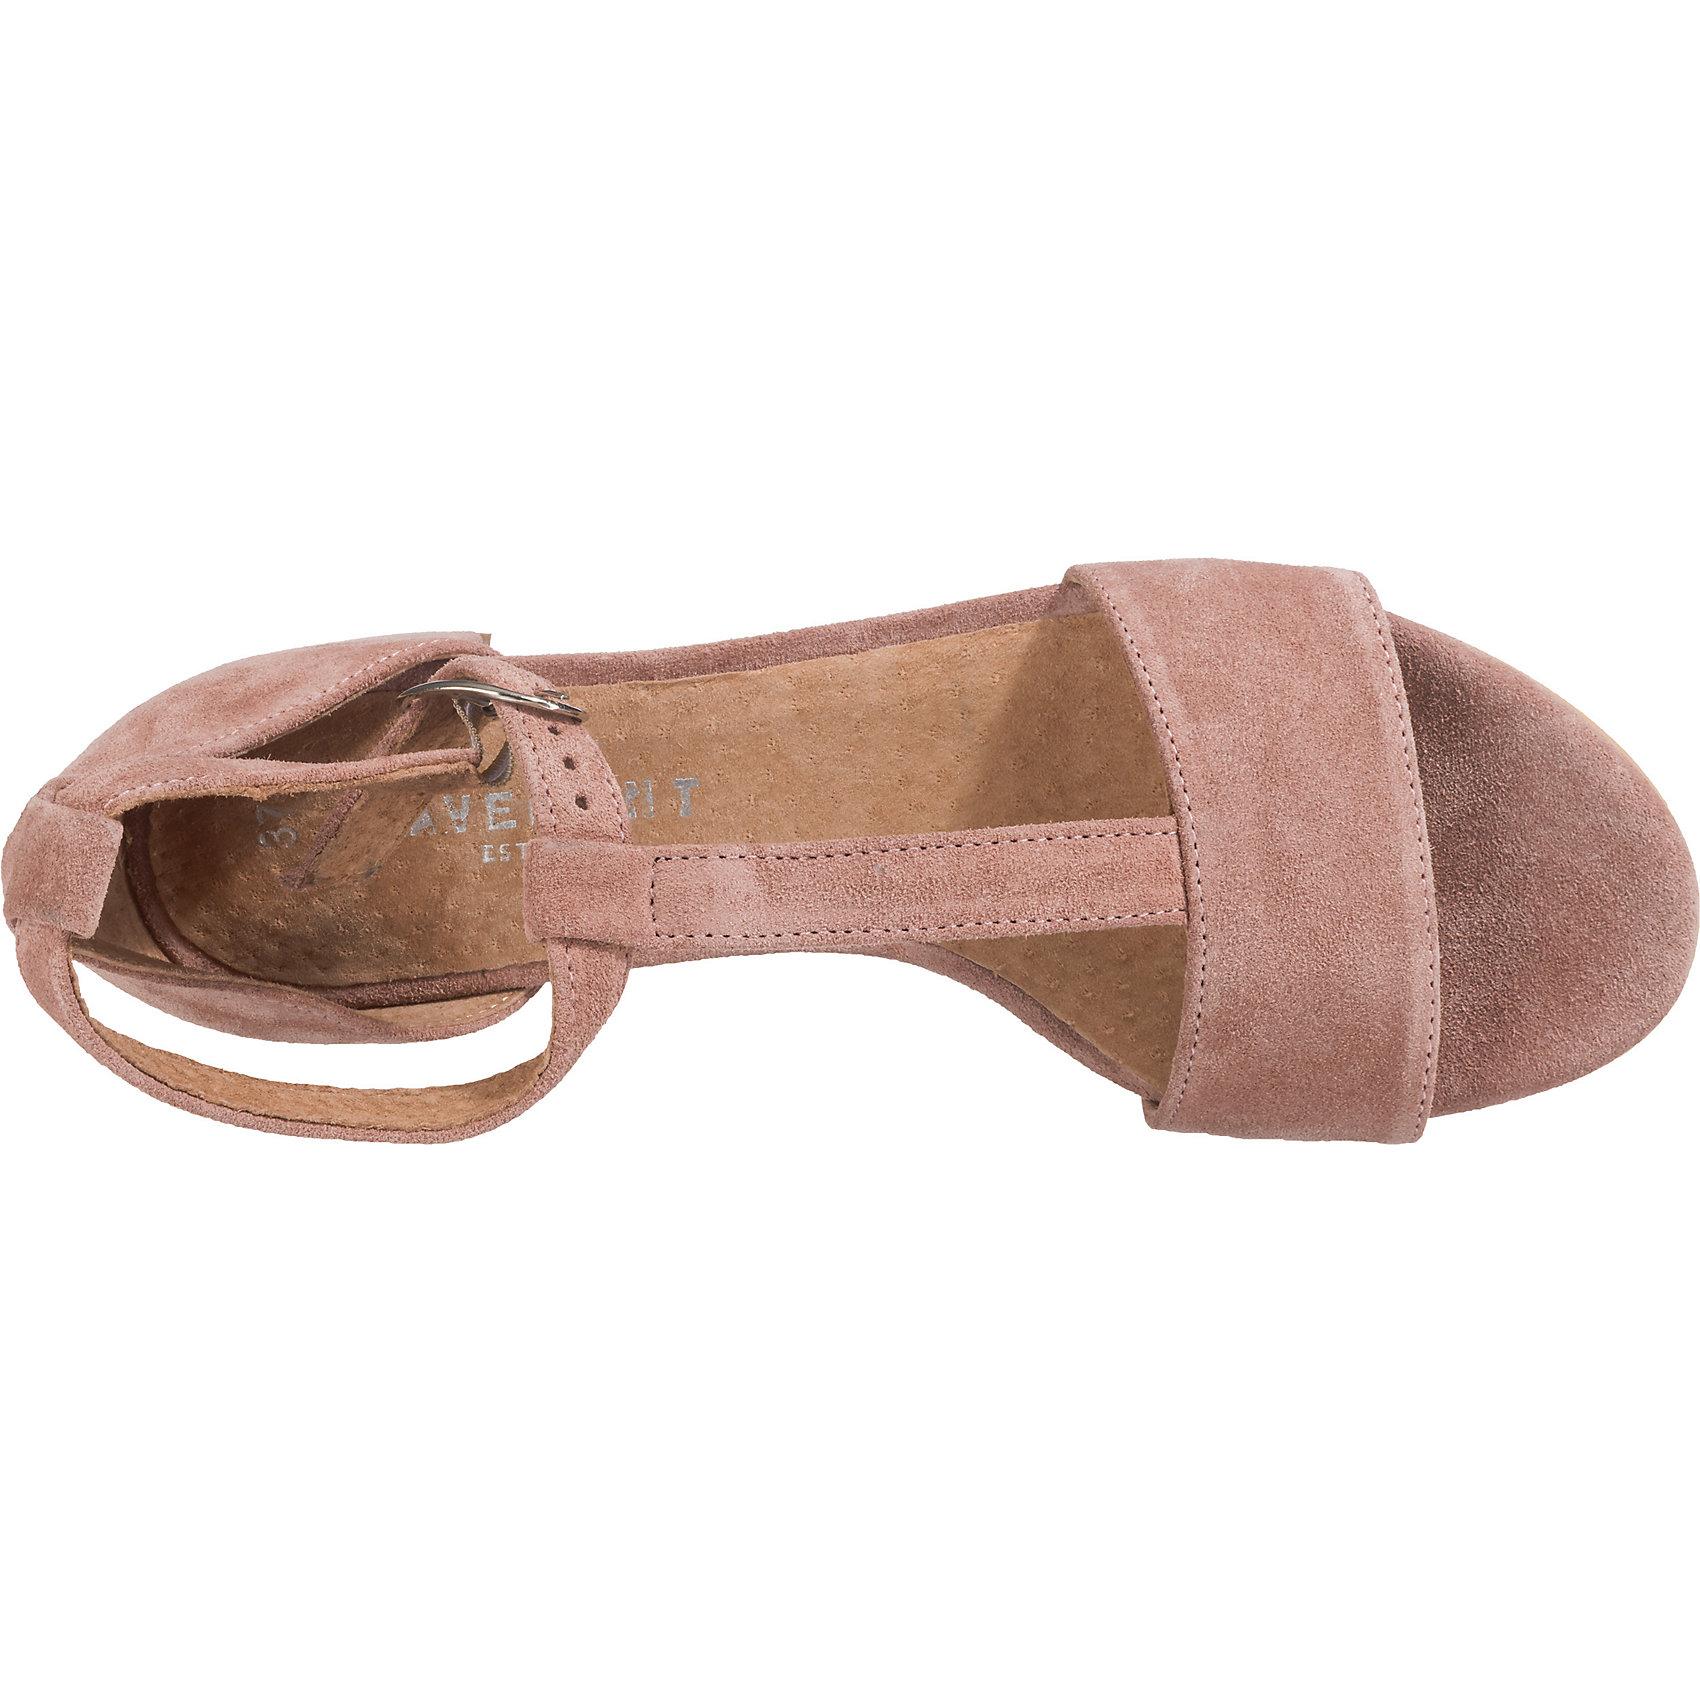 Neu Pavement Alexa T-Steg-Sandaleetten 7154288 für Damen schwarz rosa